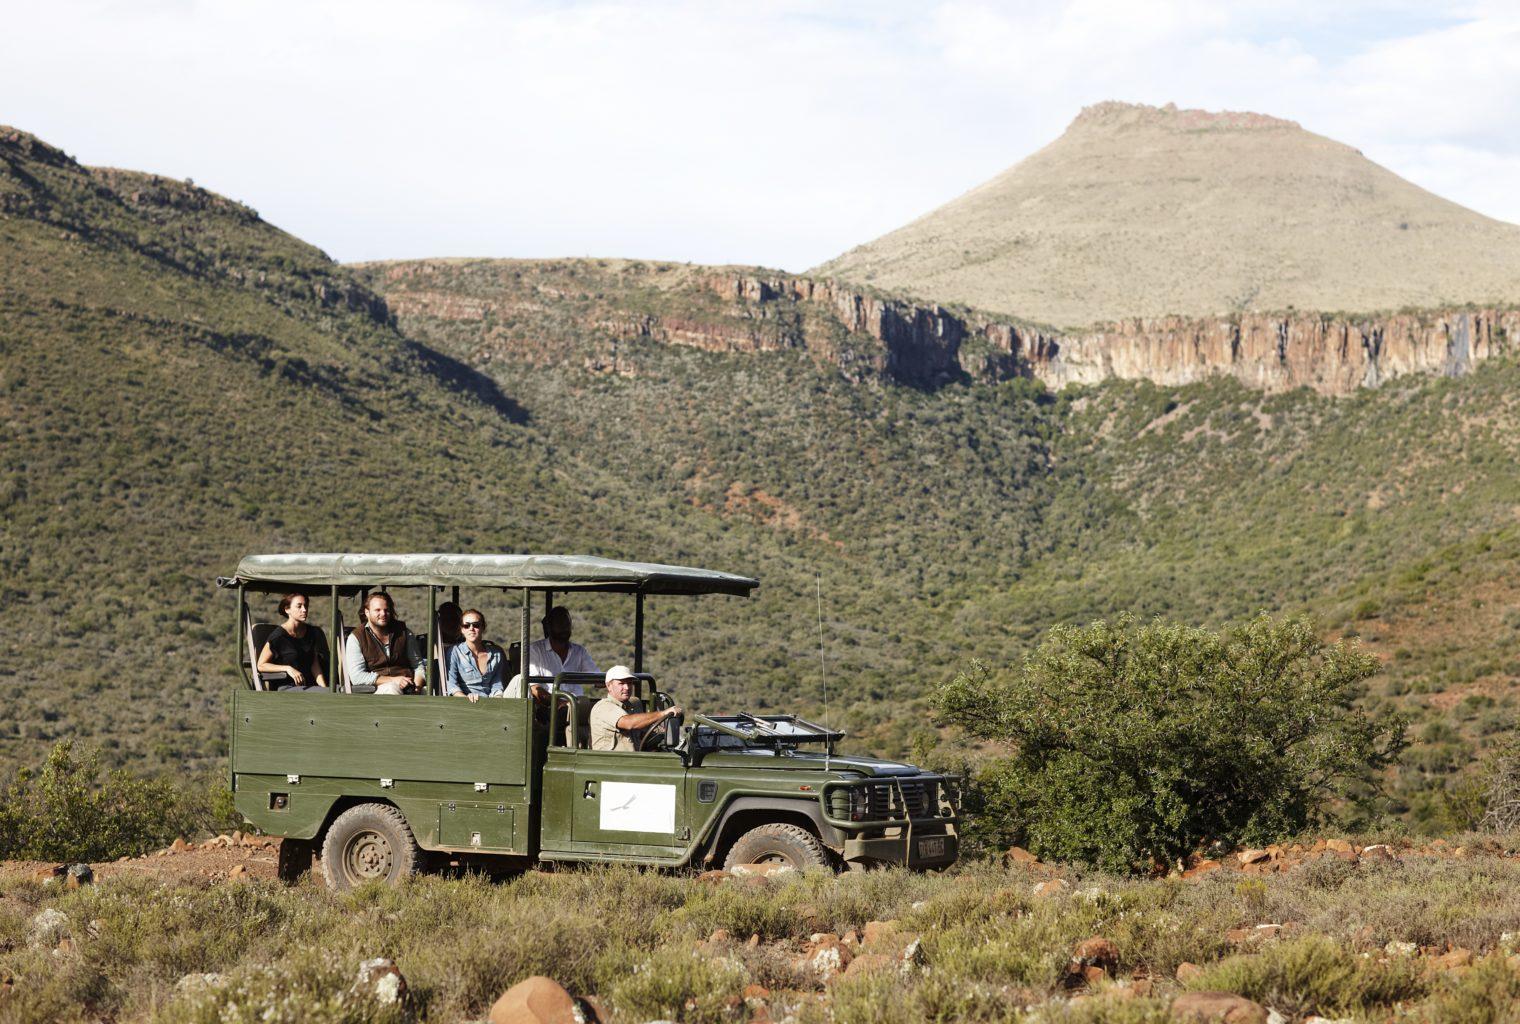 Safari in The Great Karoo